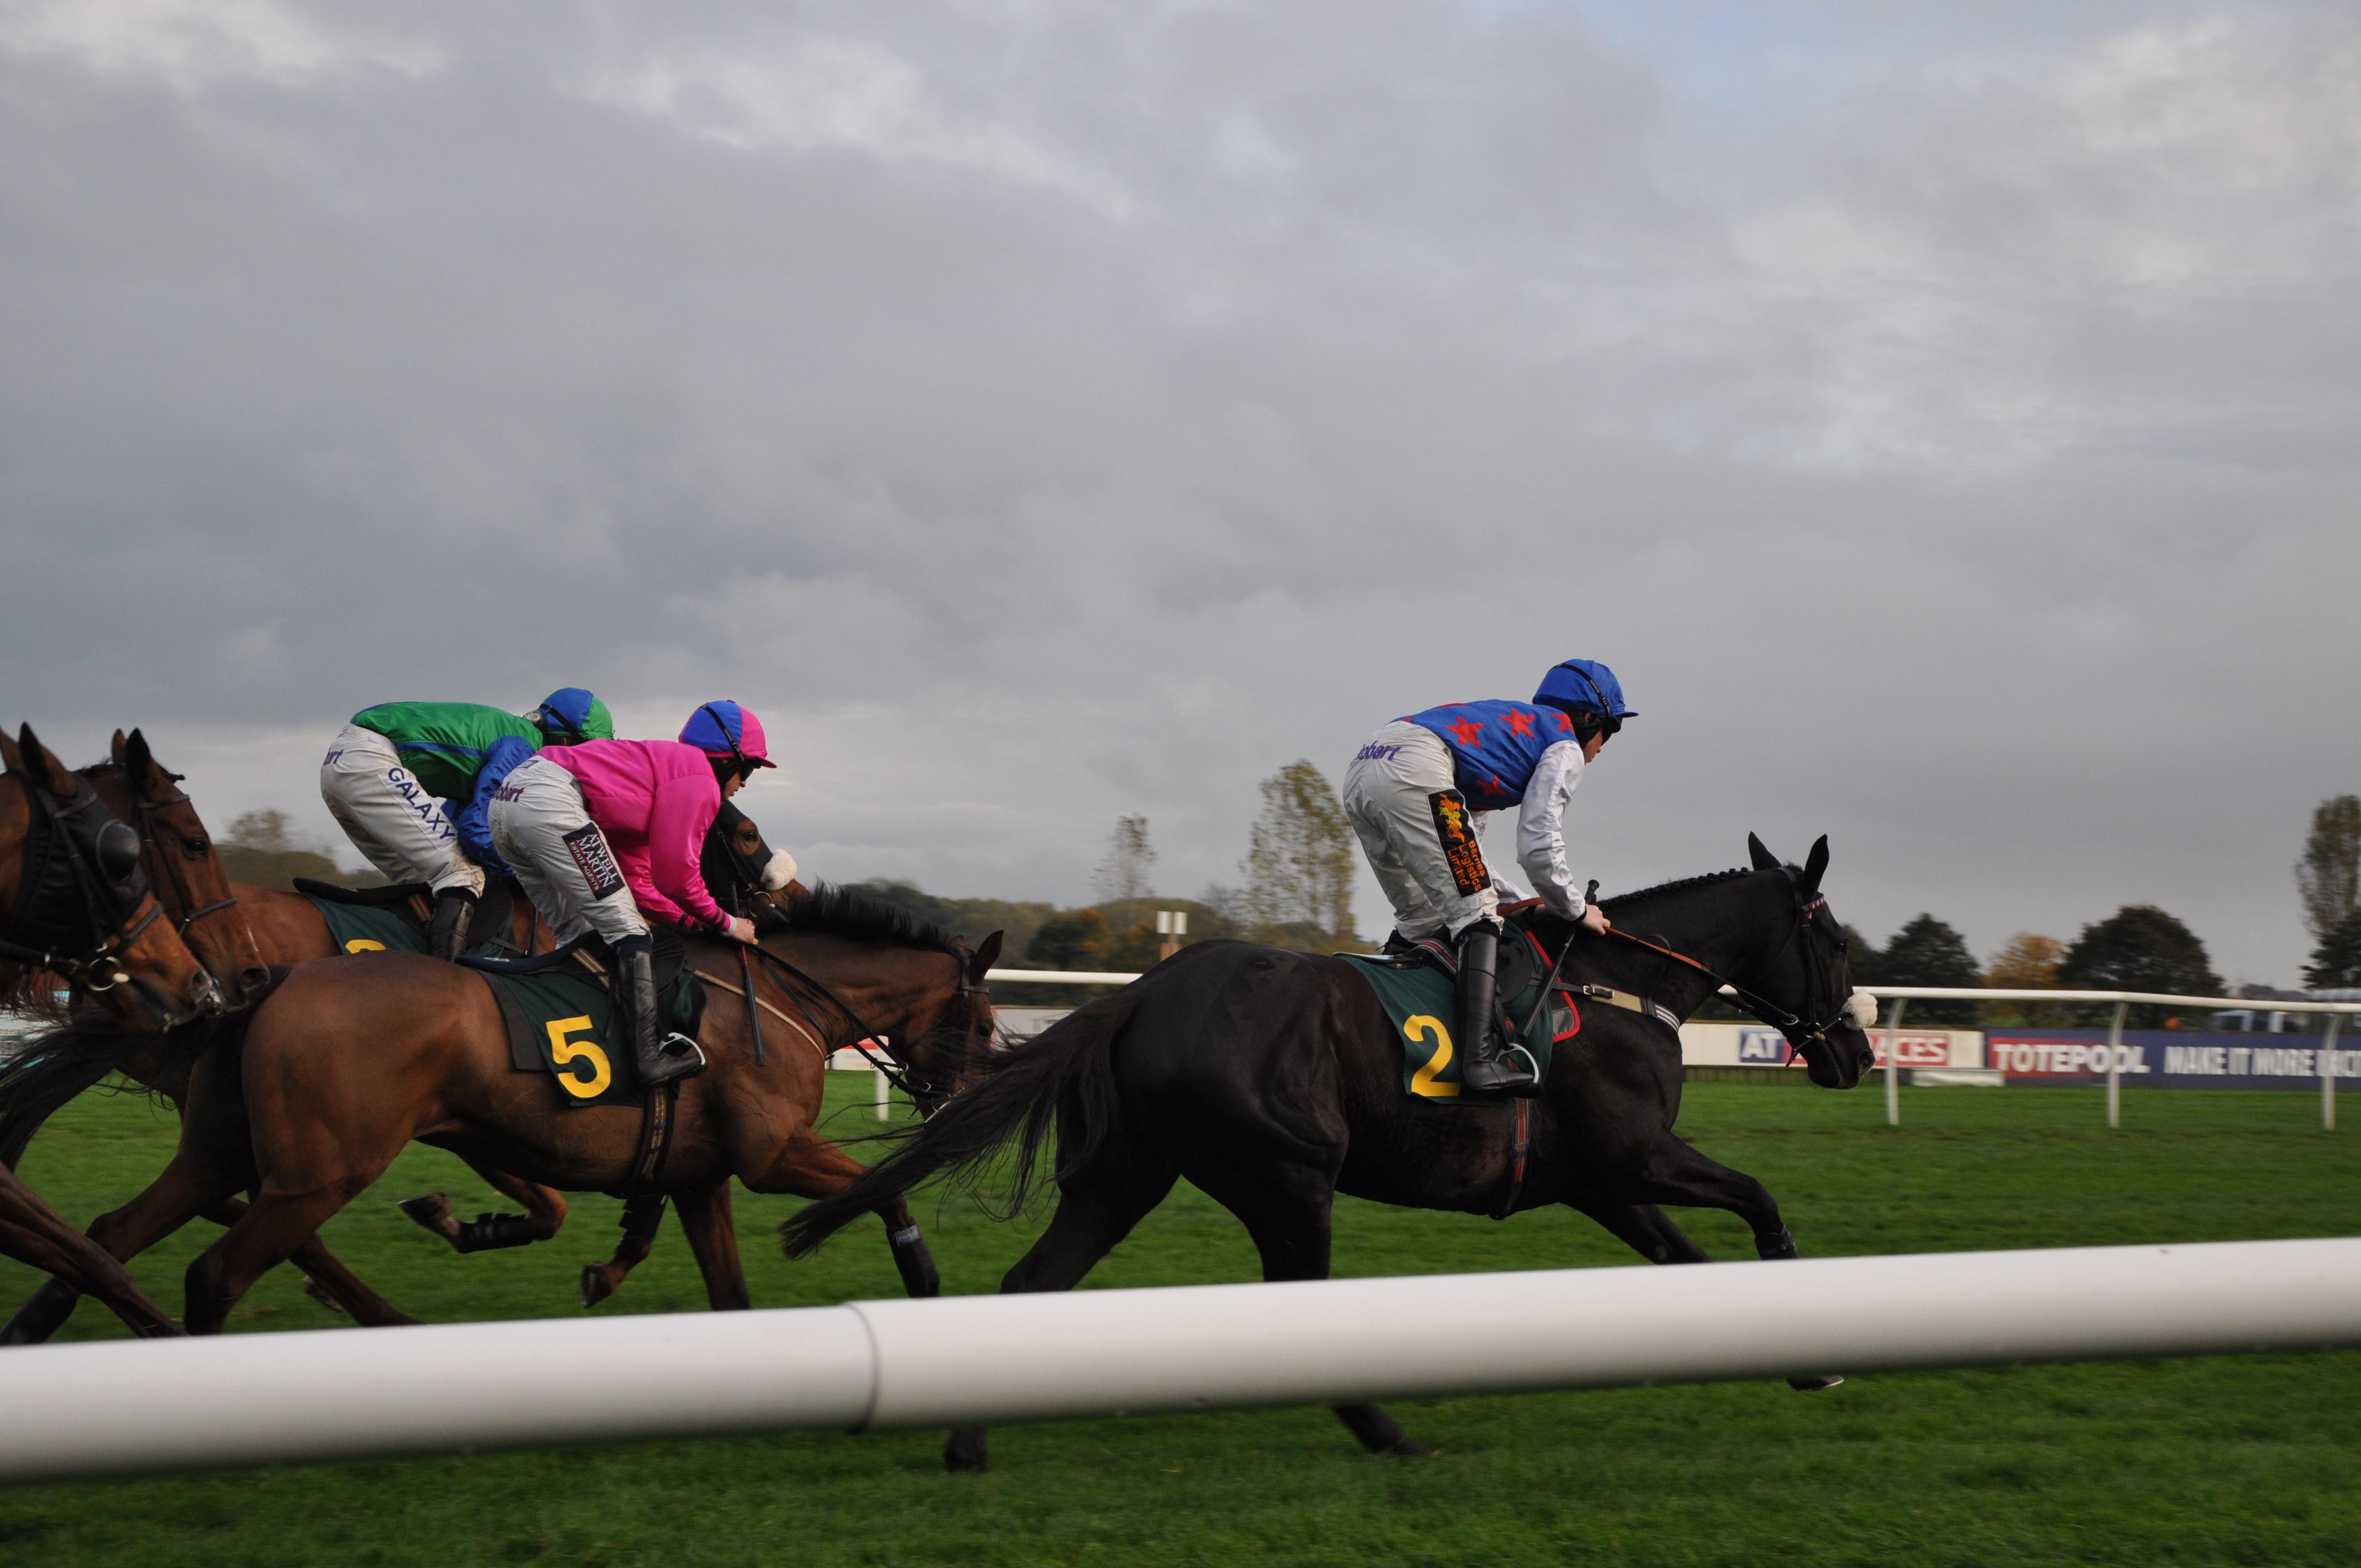 Pferderennen in Fakenham – Norfolk